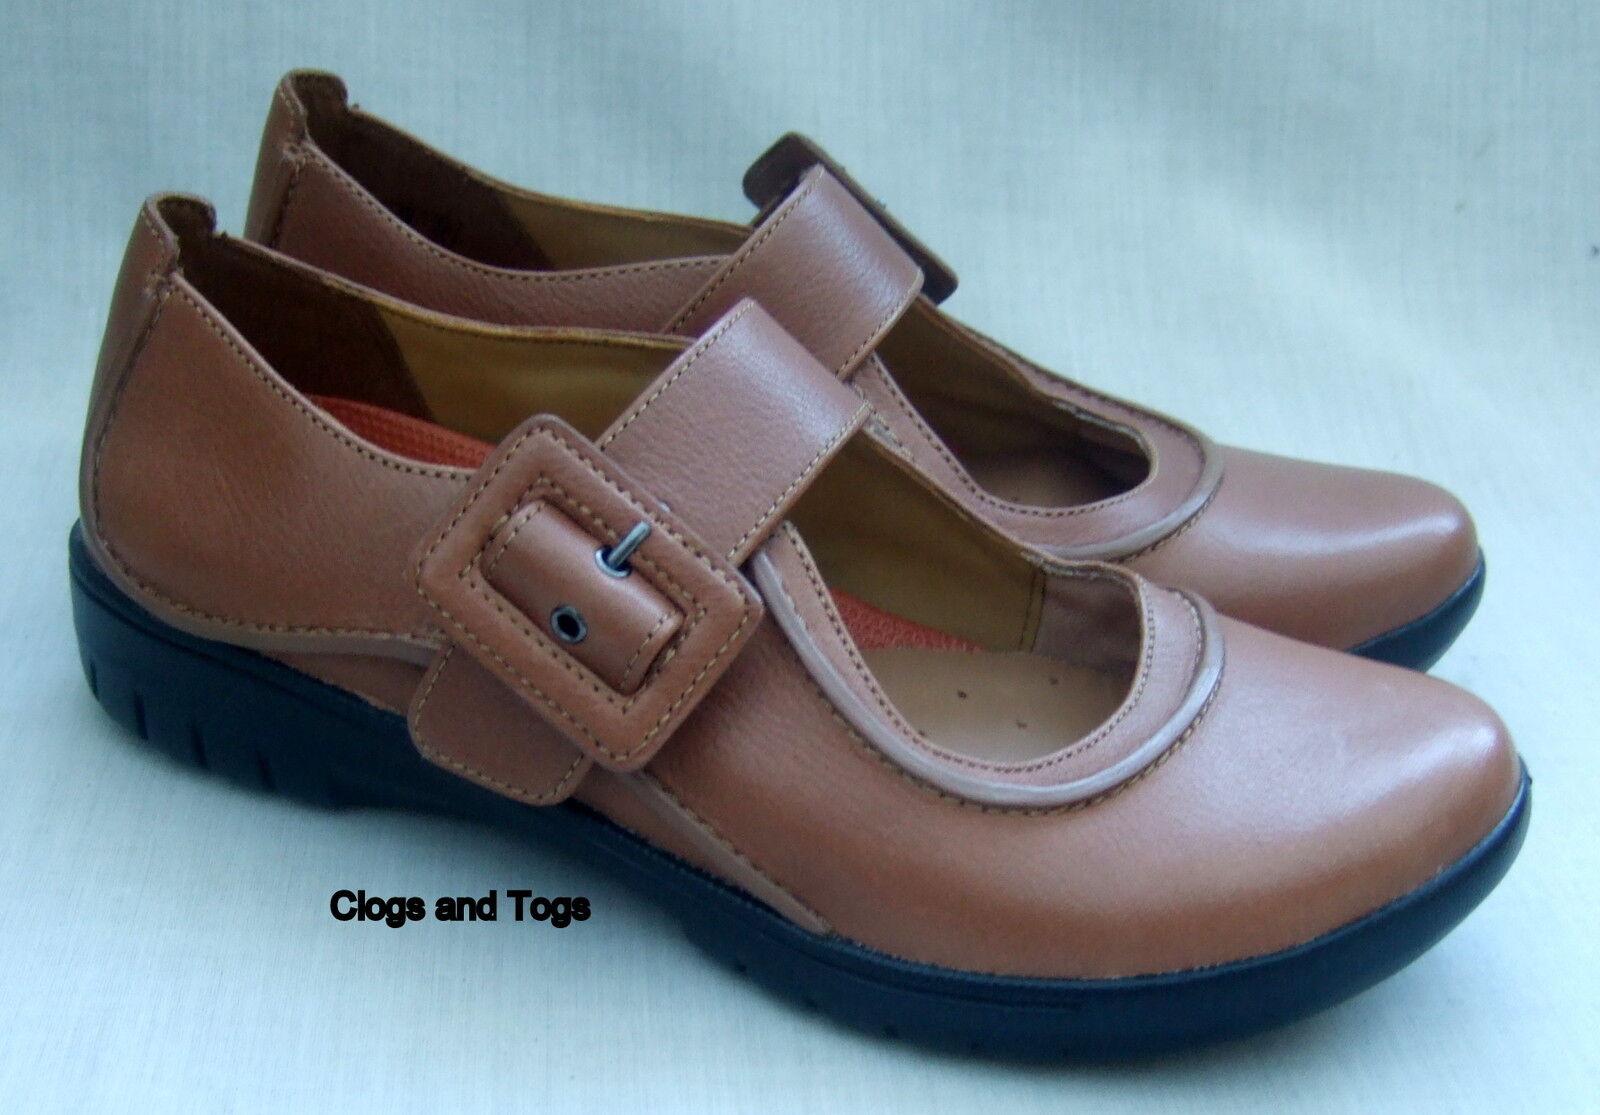 NEW CLARKS UNSTRUCTUROT UN BOUND Damenschuhe TAN LEATHER Schuhe